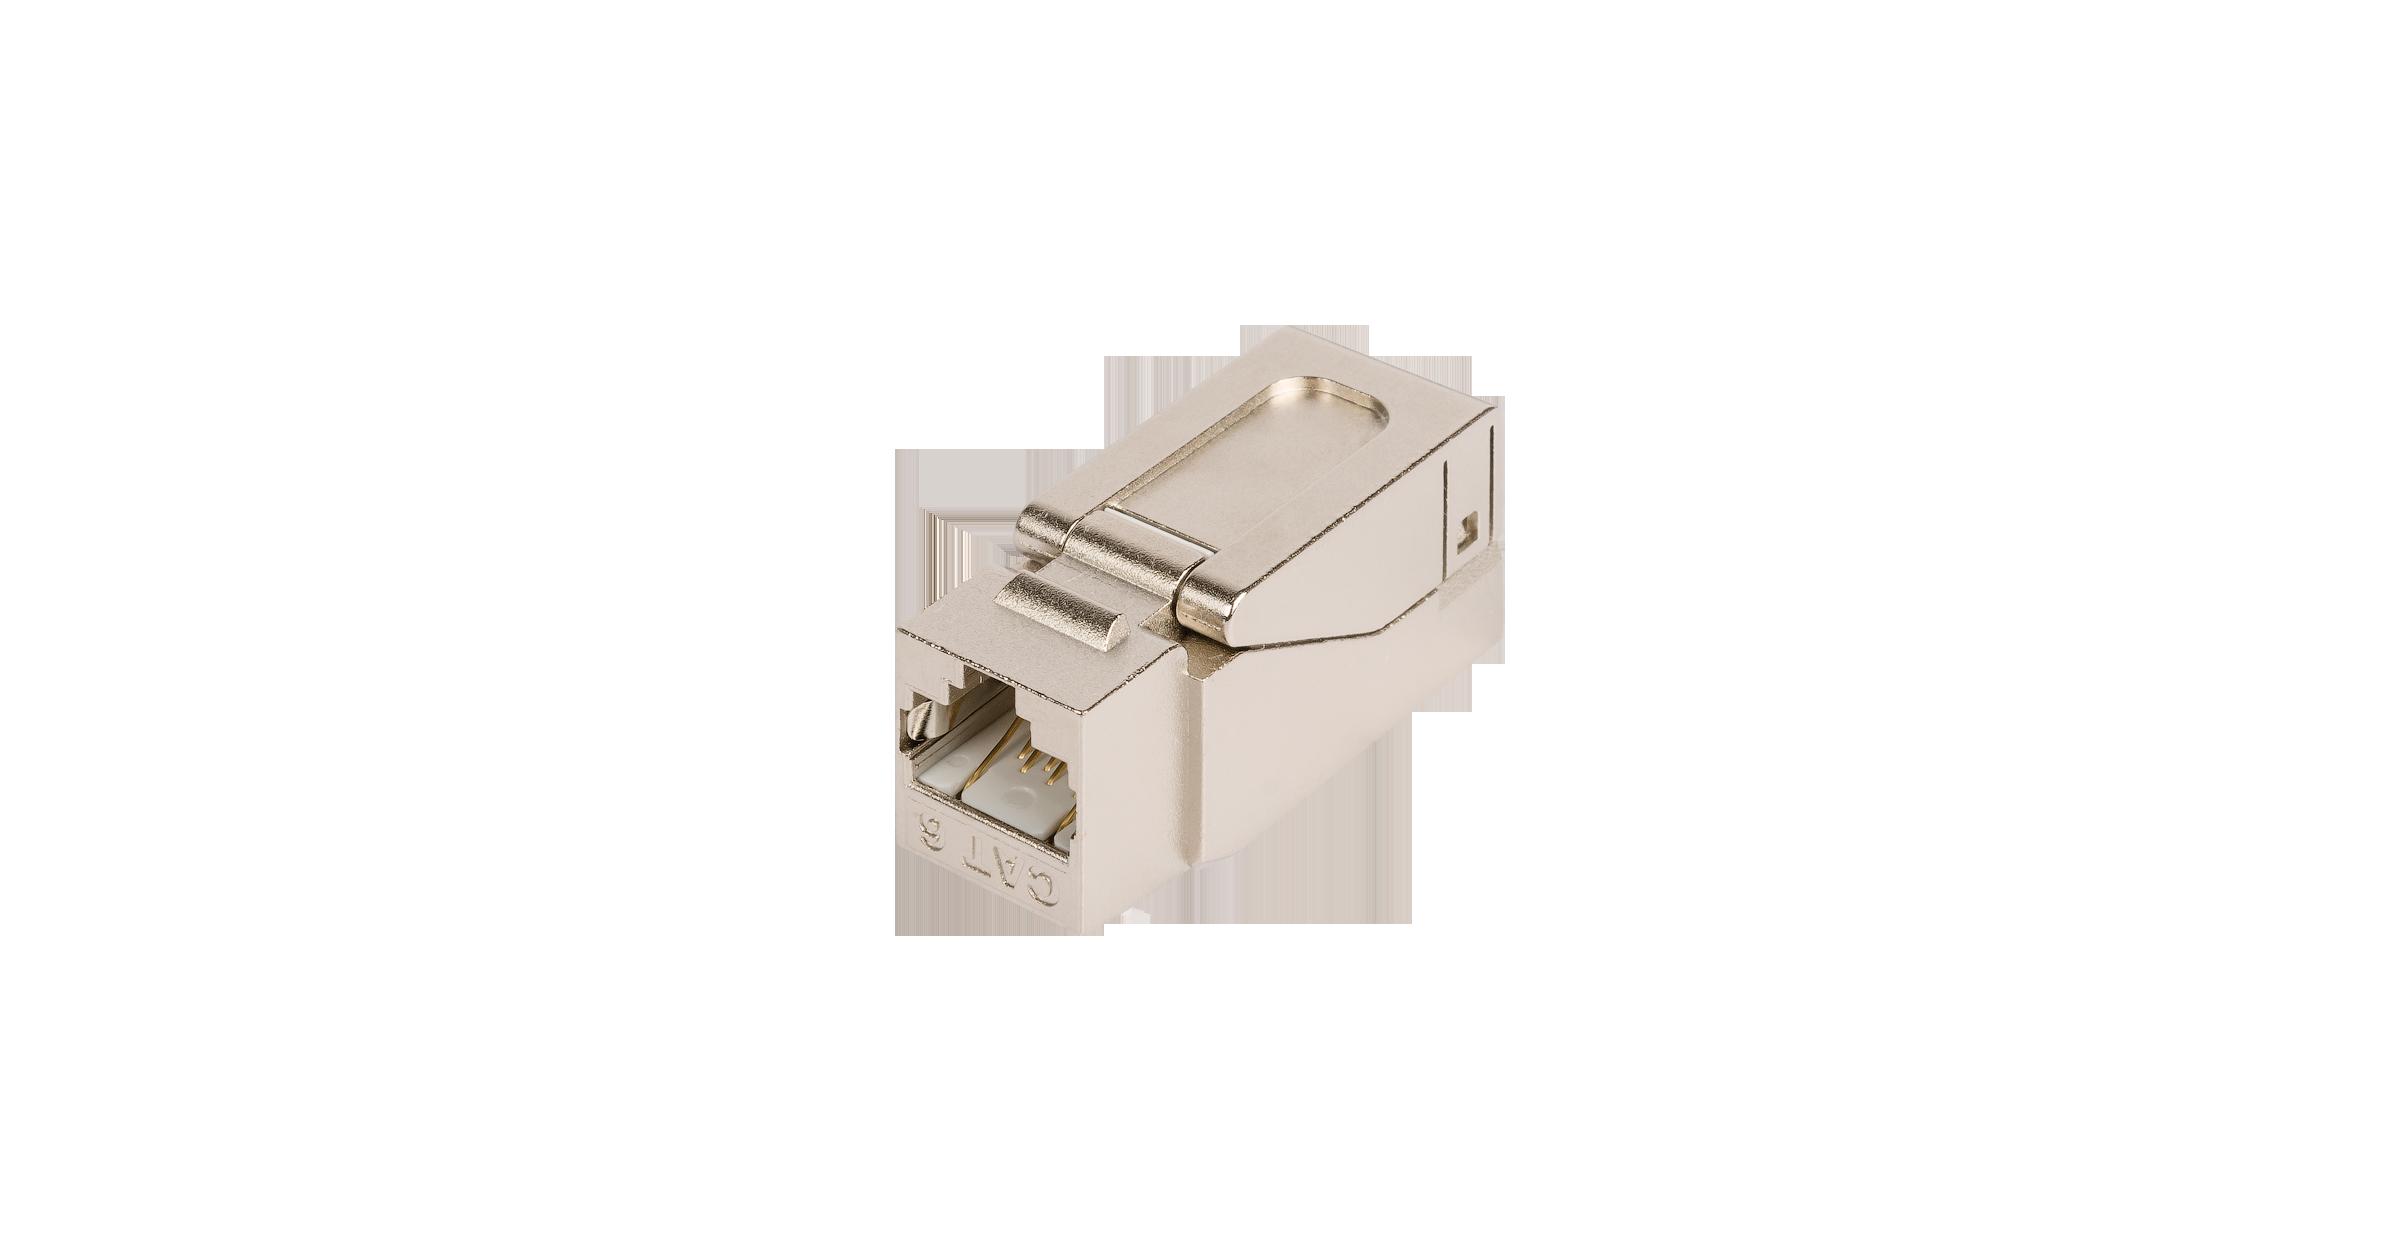 Модуль-вставка NIKOMAX типа Keystone, Кат.6 (Класс E), 250МГц, RJ45/8P8C, самозажимной, T568A/B, полный экран, металлик - гарантия: 5 лет расширенная / 25 лет системная